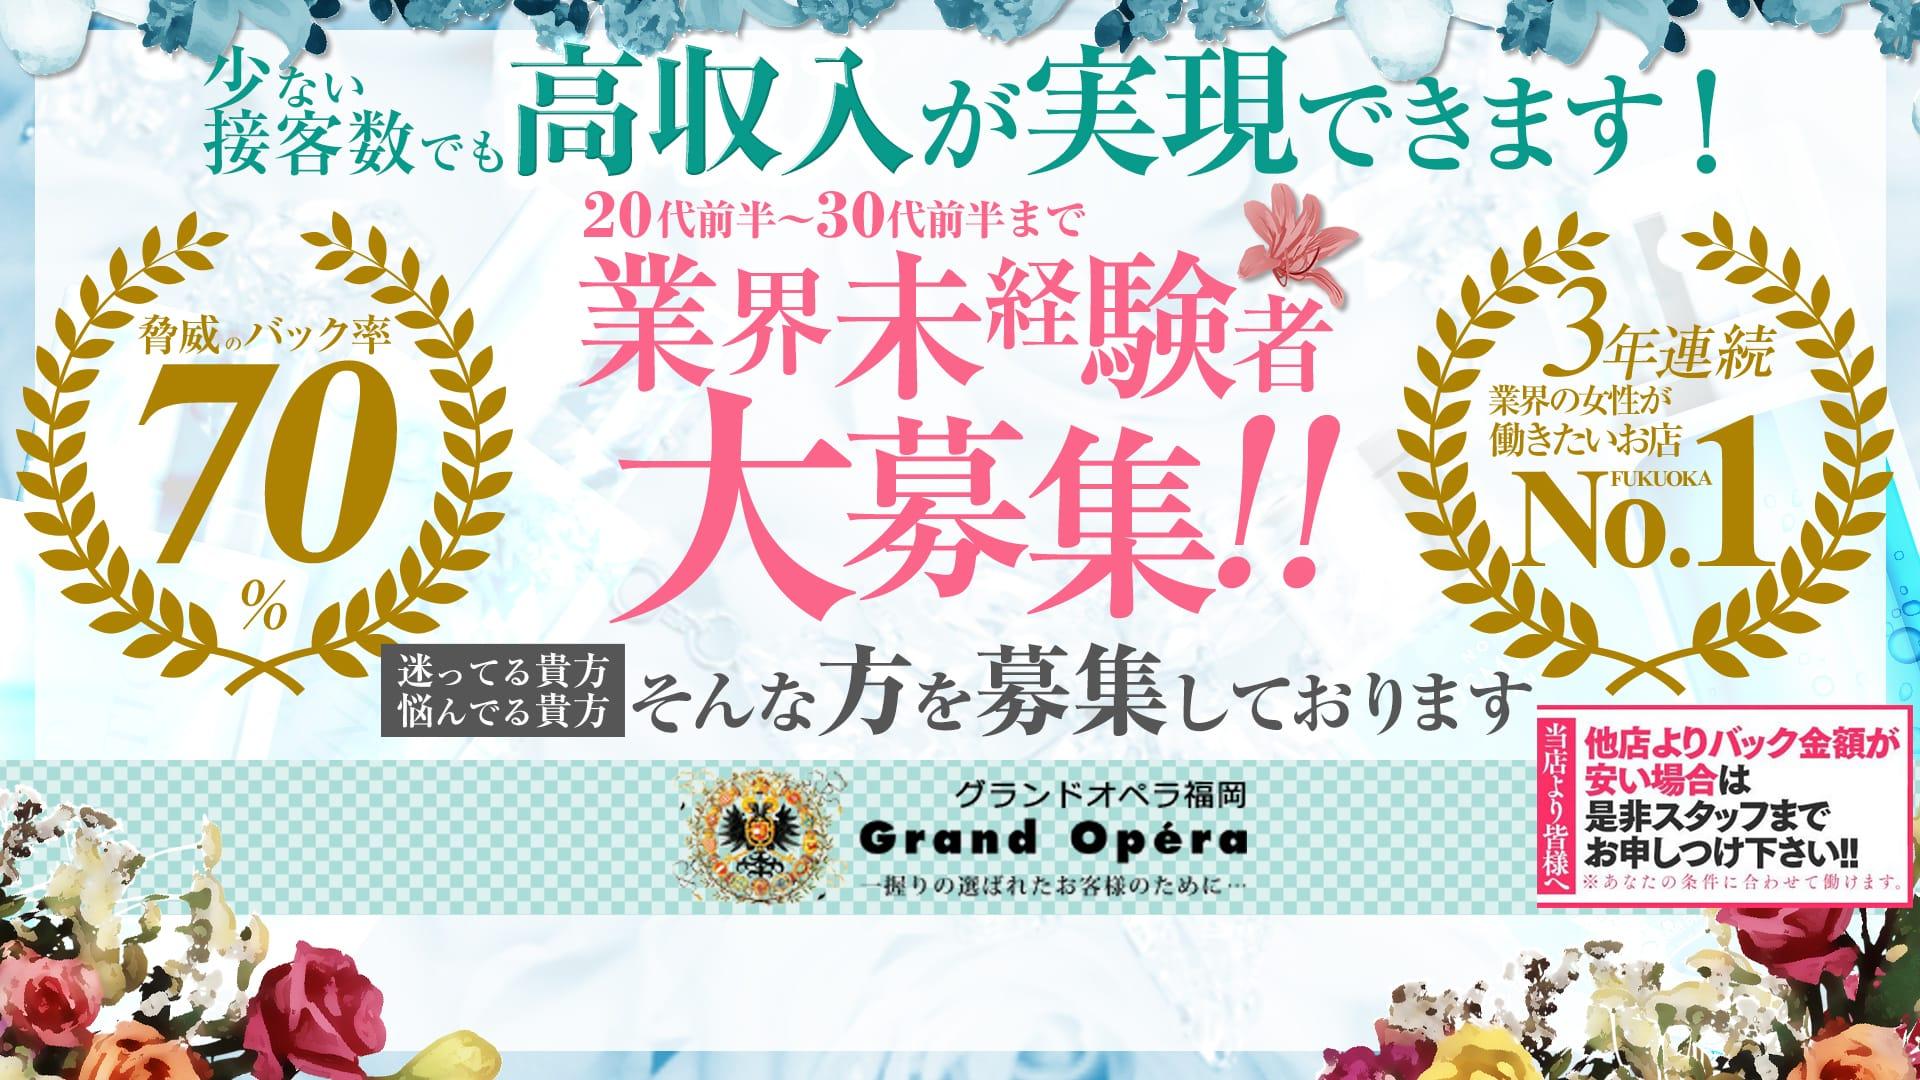 グランドオペラ福岡